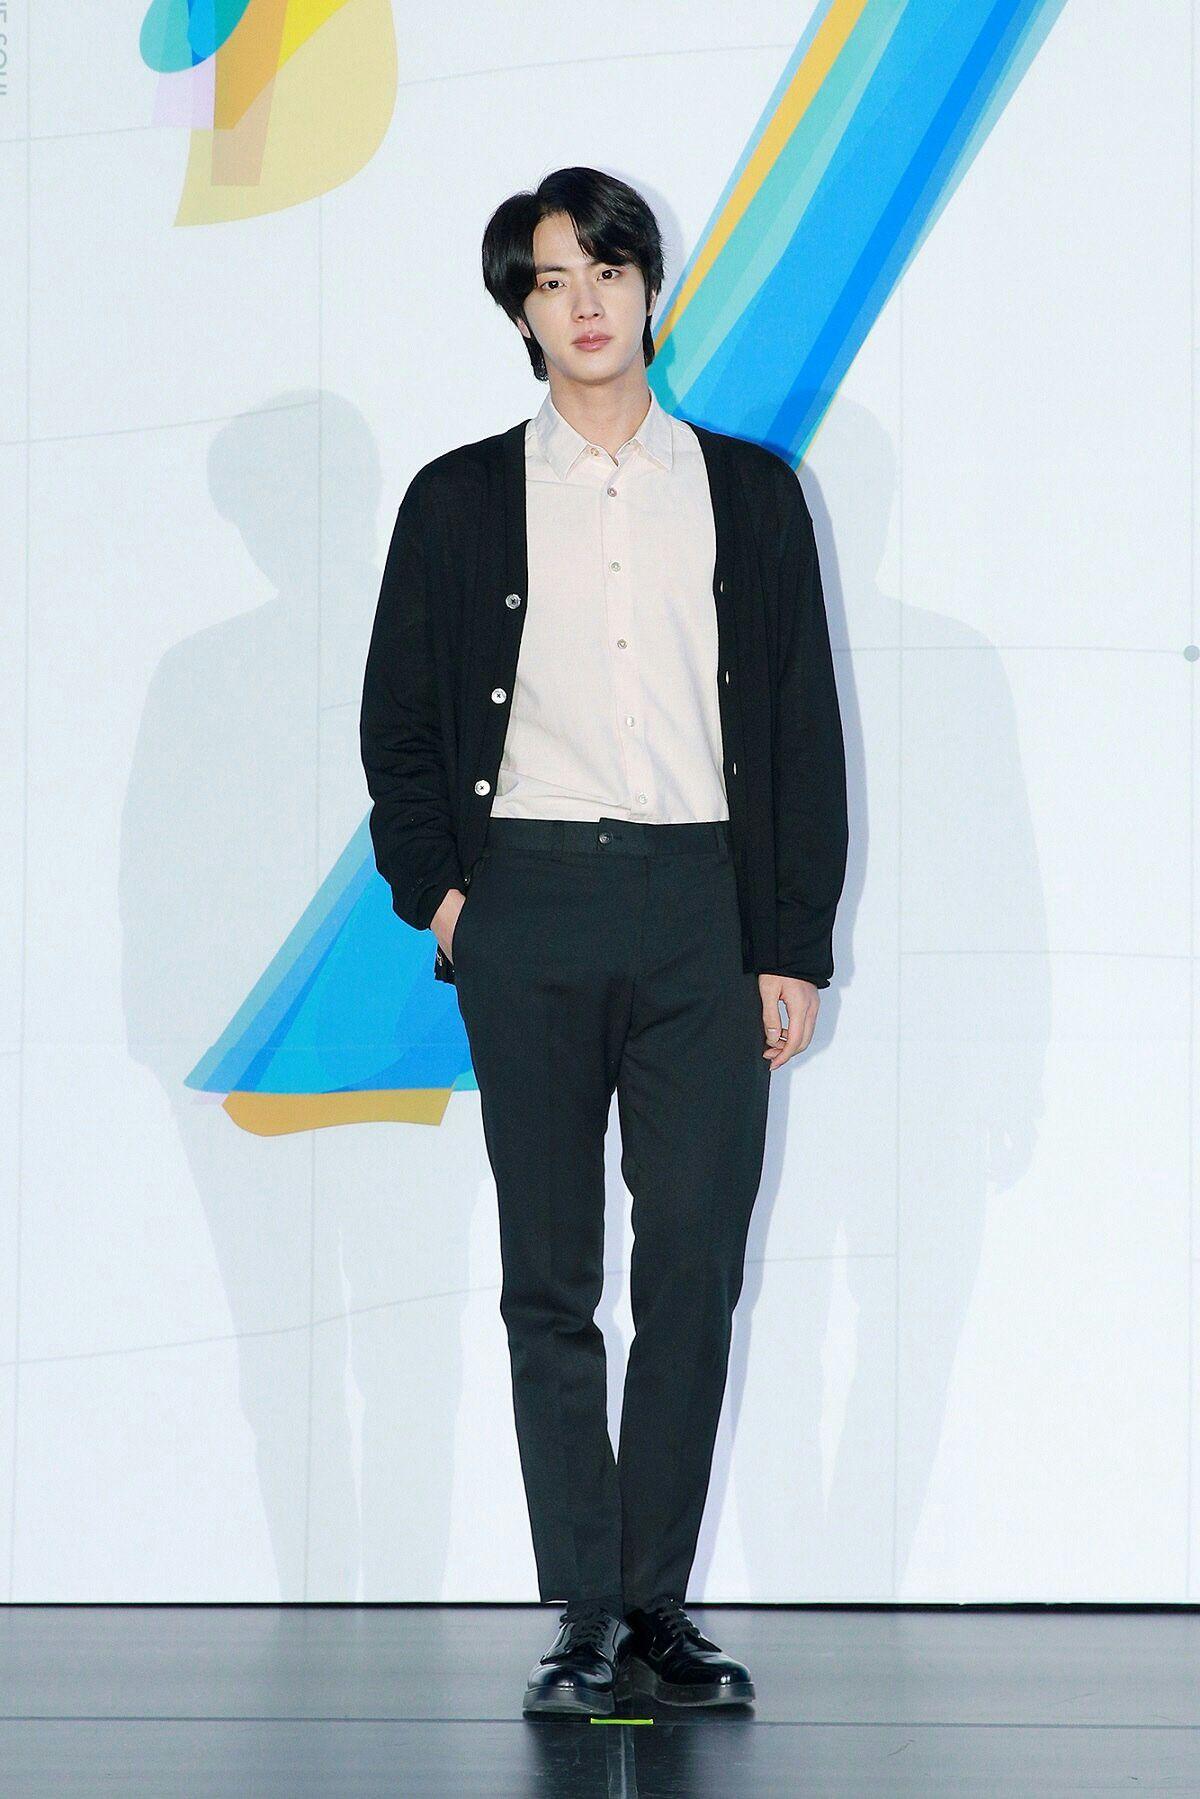 Pin oleh Jugu di Jin 진 di 2020 Lirik lagu, Fotografi